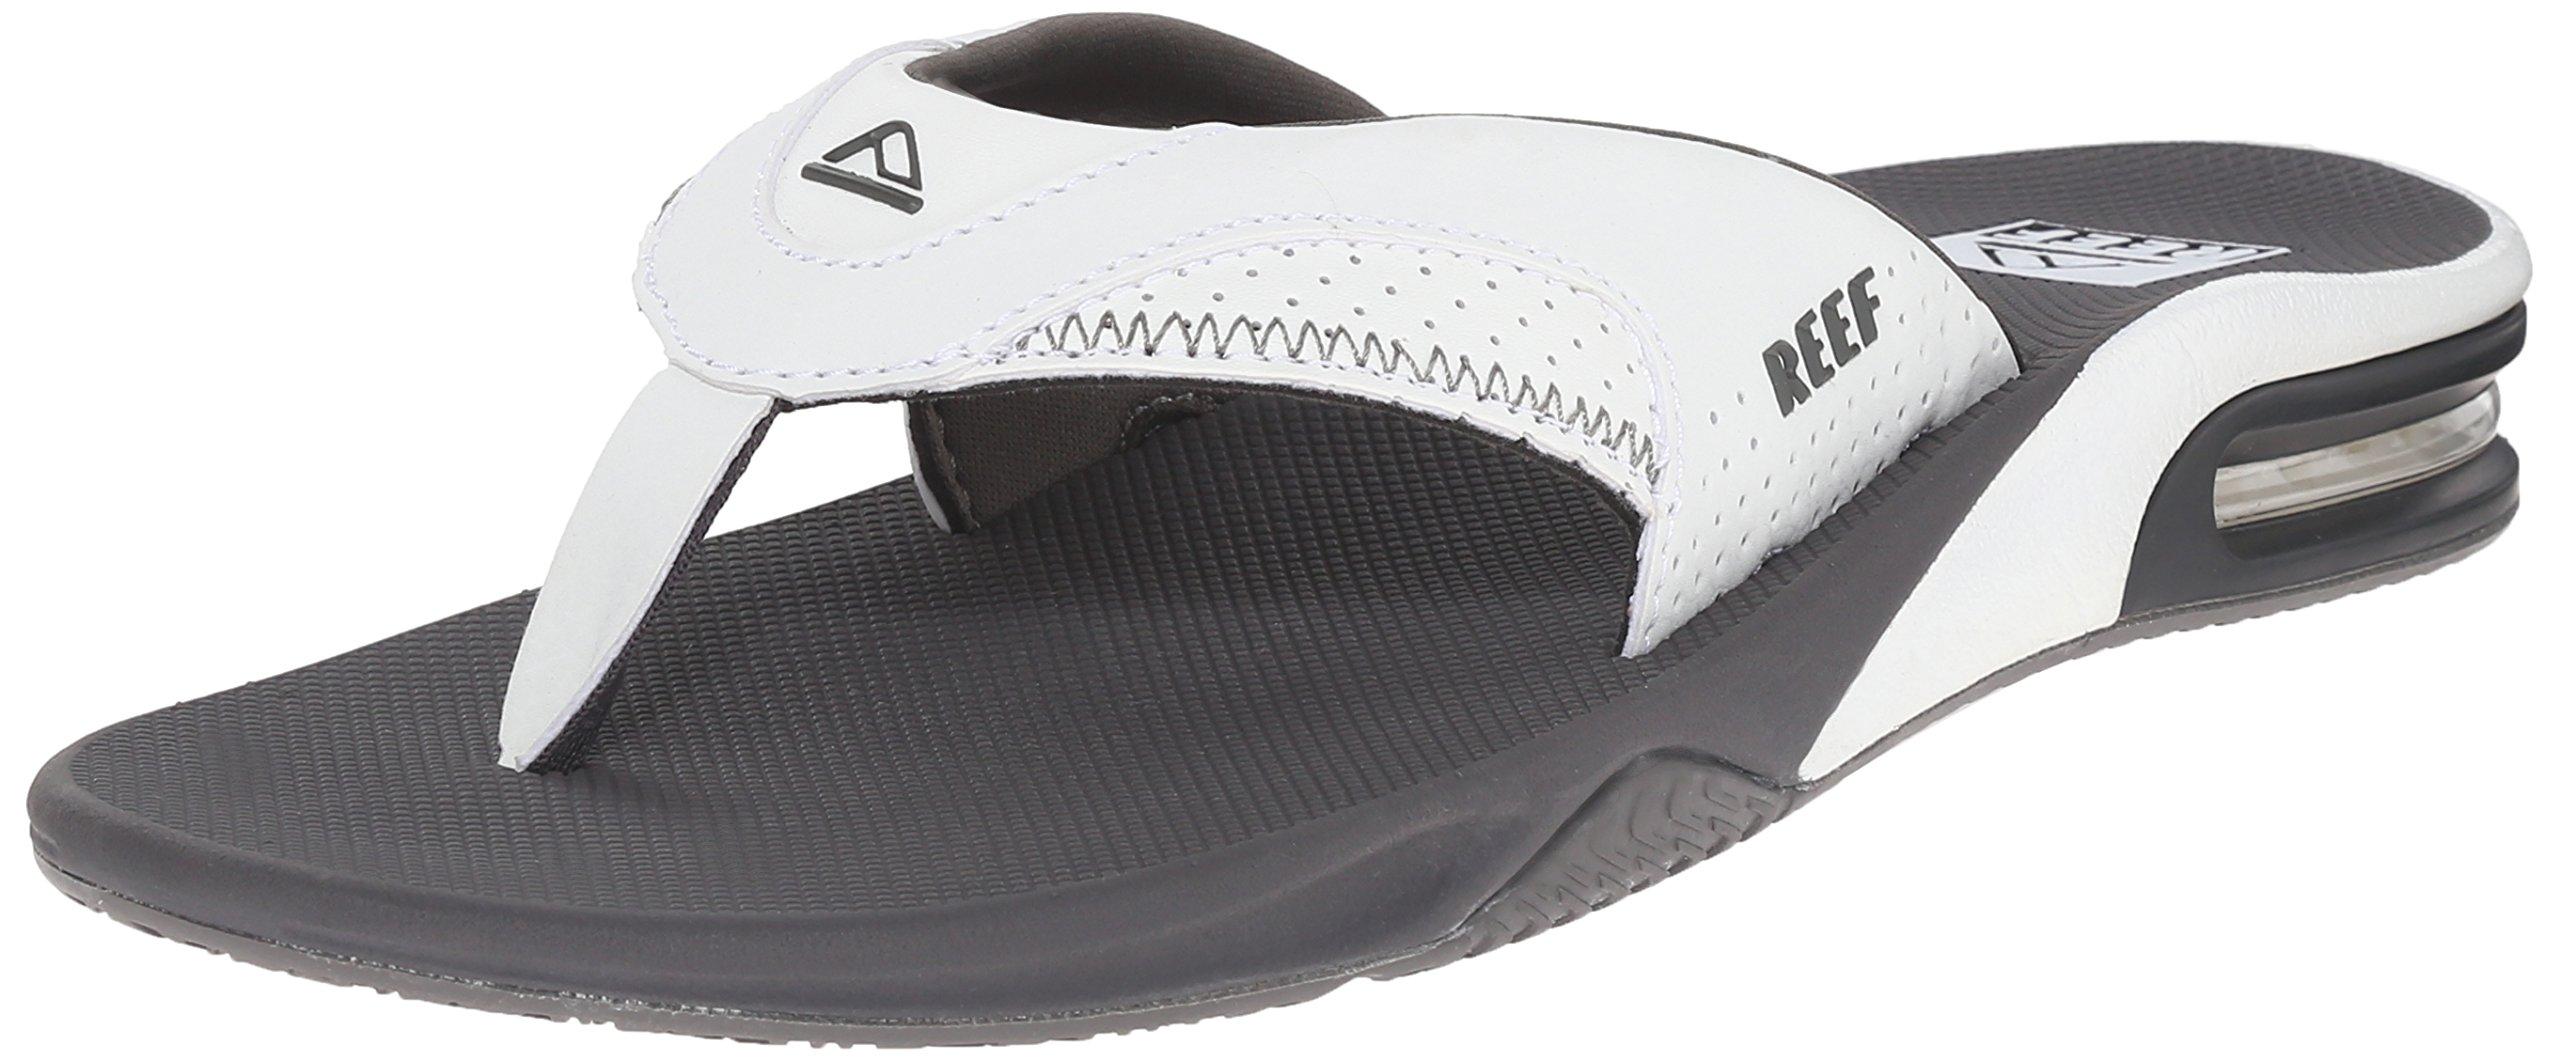 Reef Men's Fanning Sandal, Grey/White, 12 M US